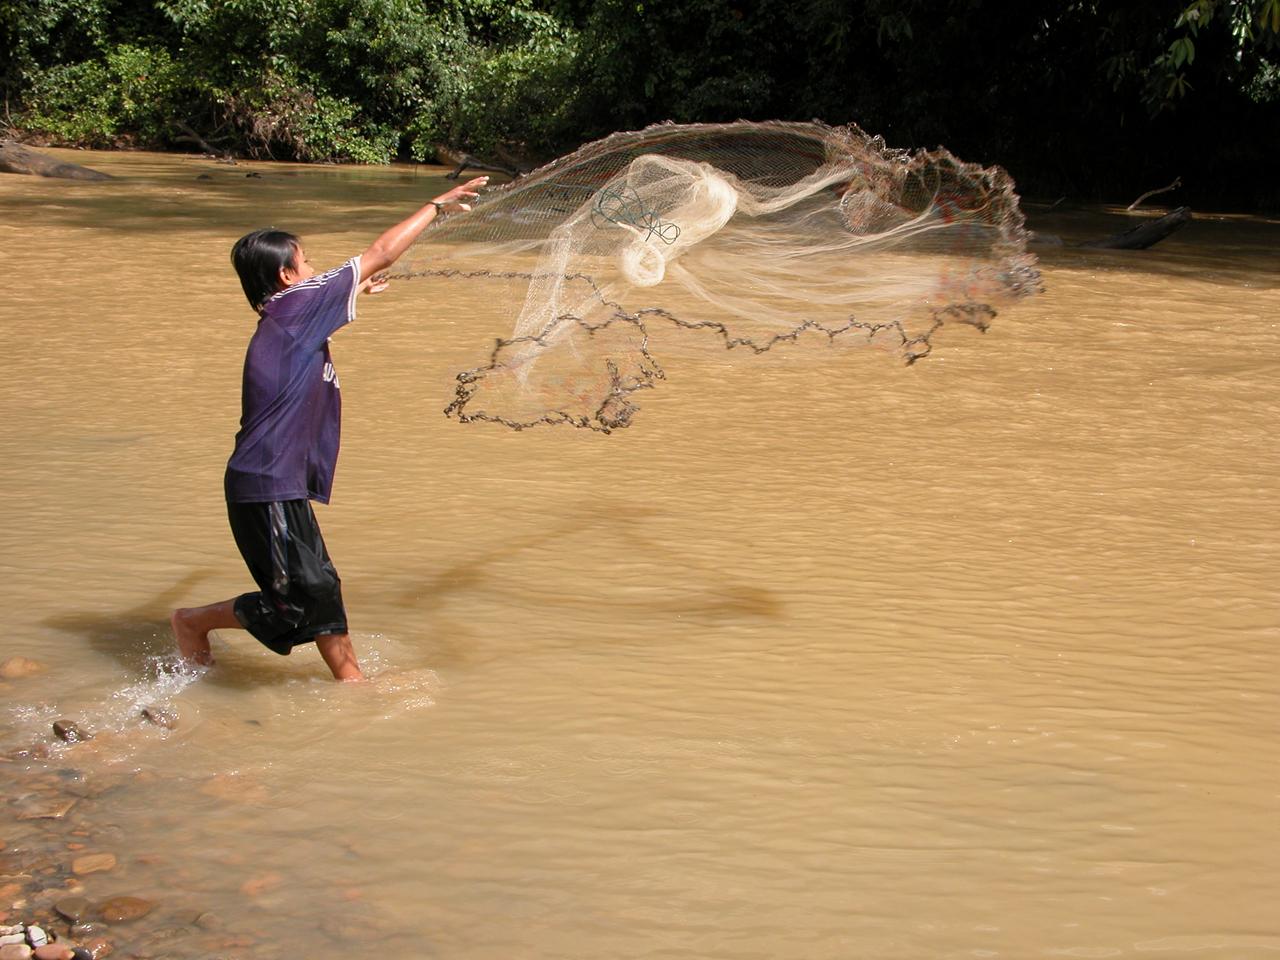 Maleisië, gaan vissen met Ibans in het regenwoud - Sarawak